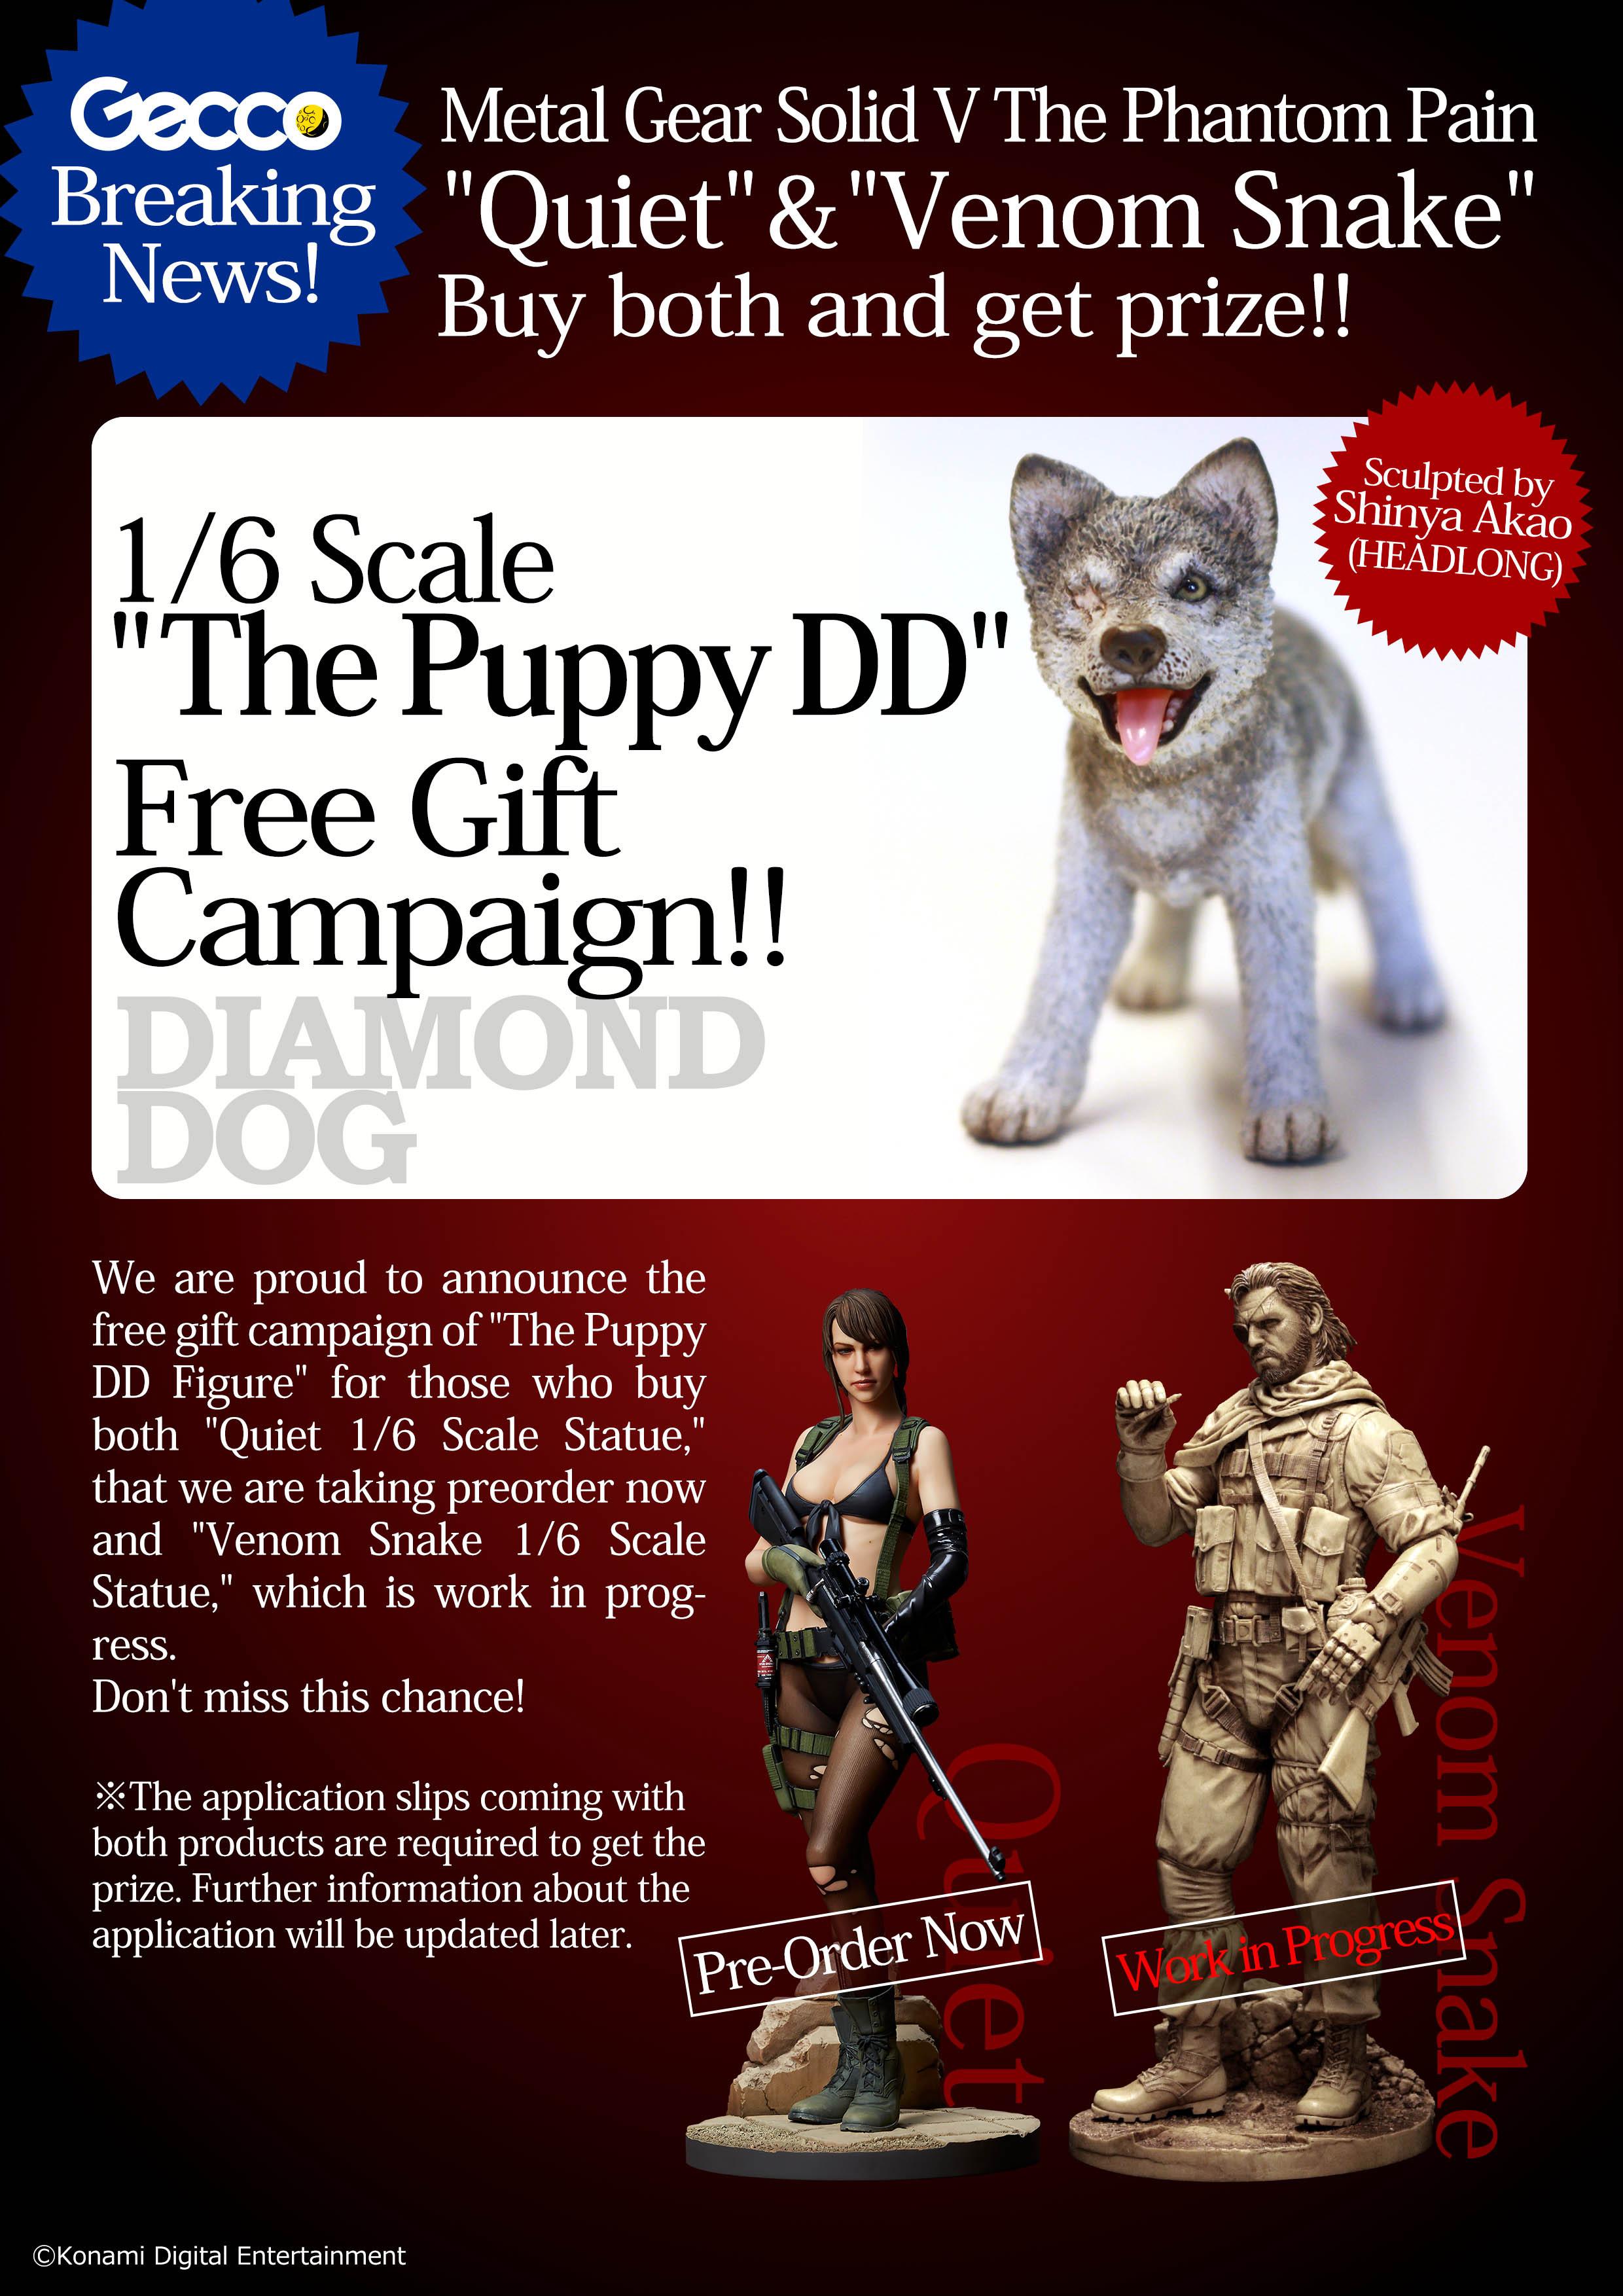 Gecco-Puppy-DD-Campaign